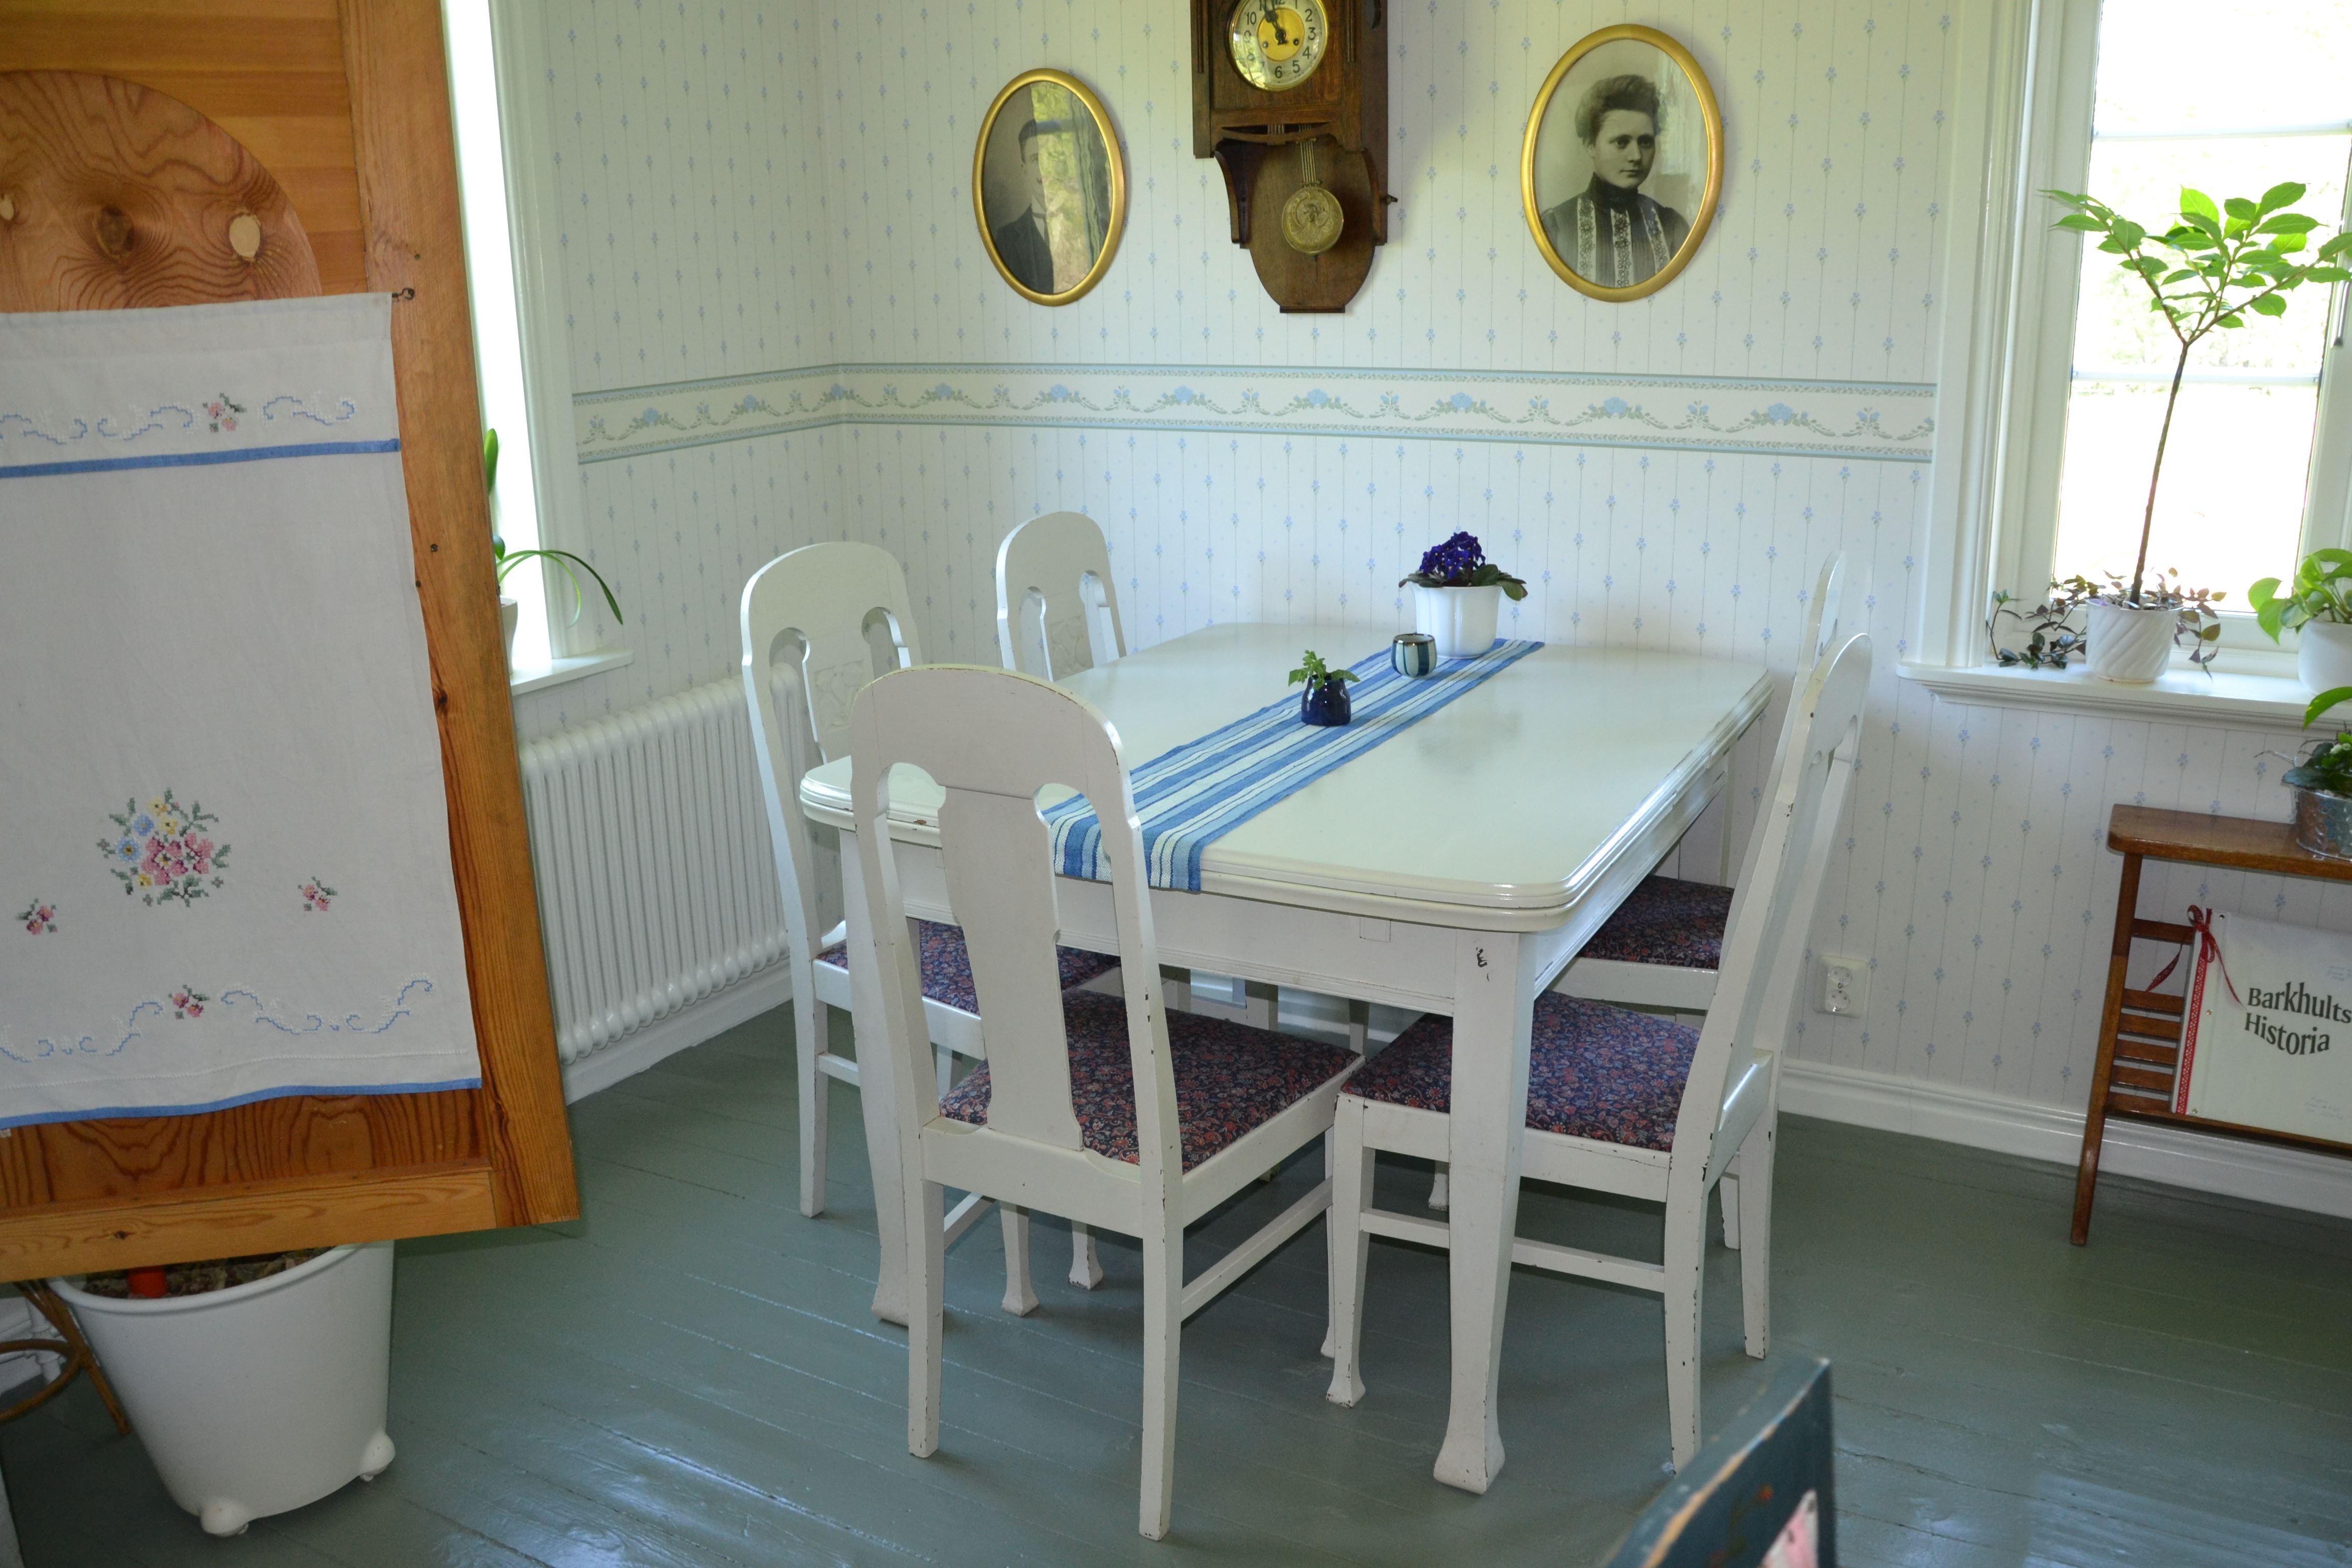 Barkhults gårdscafé